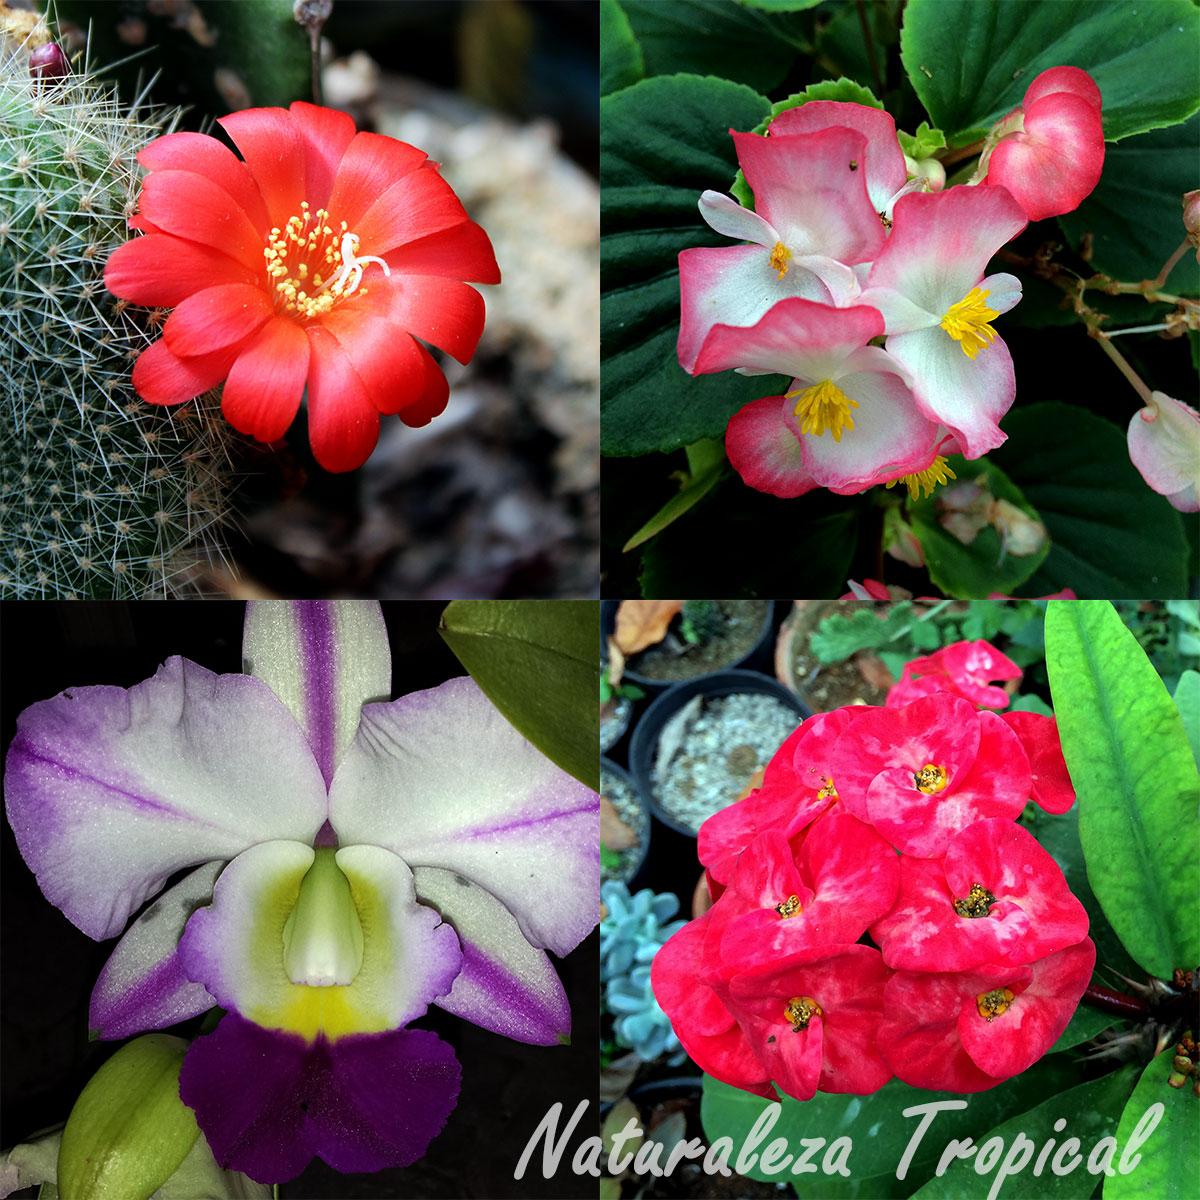 Naturaleza tropical conoce las plantas m s populares for Plantas ornamentales clavel